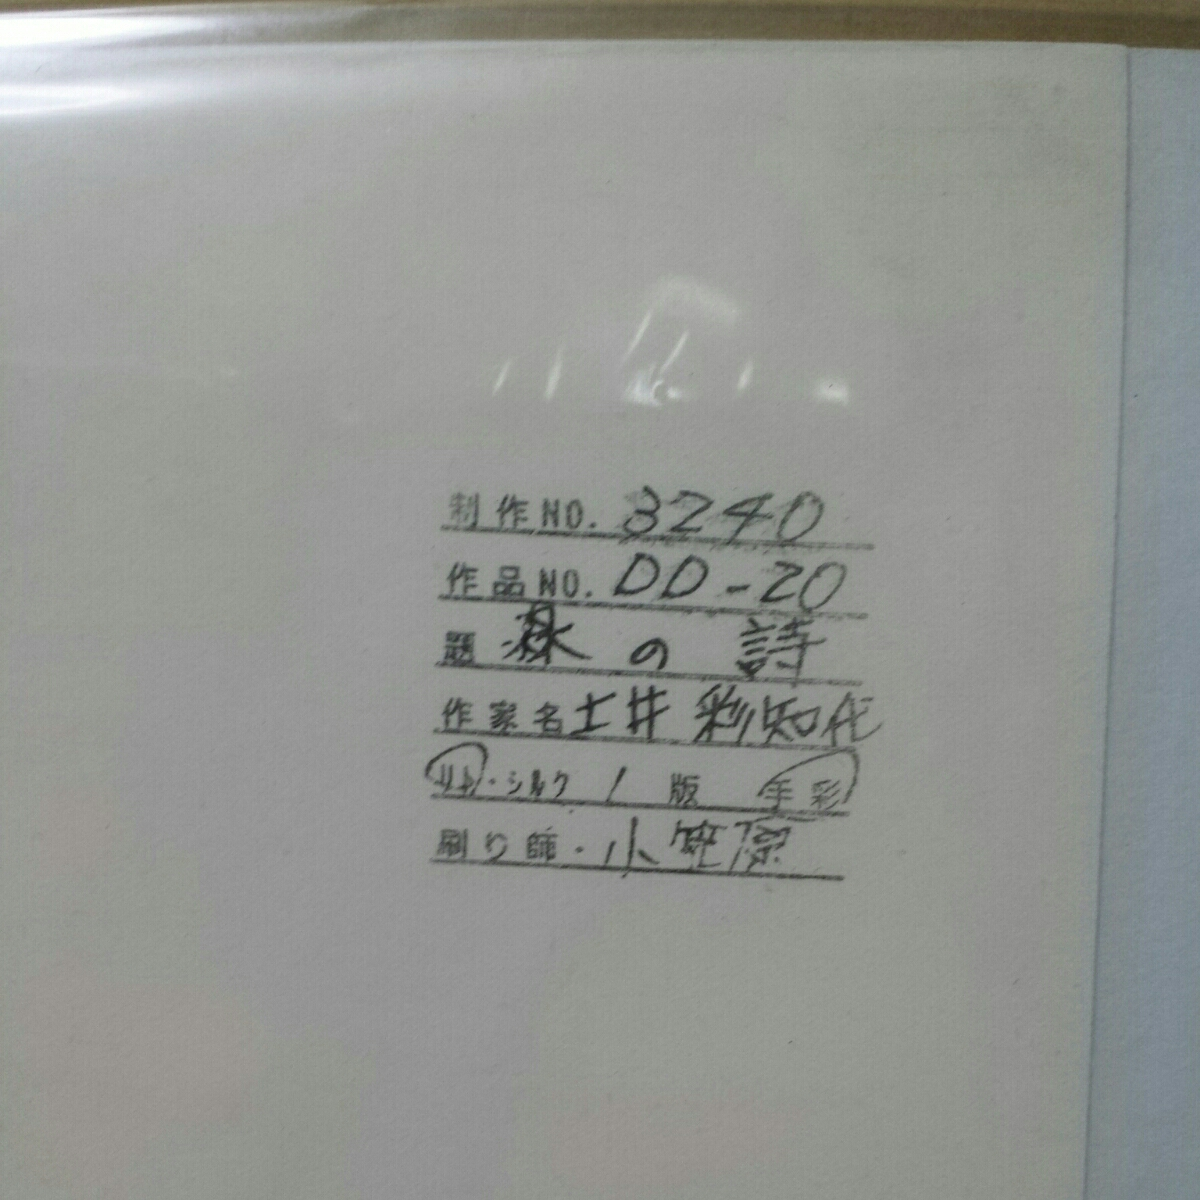 リトグラフ 土井彩知代②_画像3